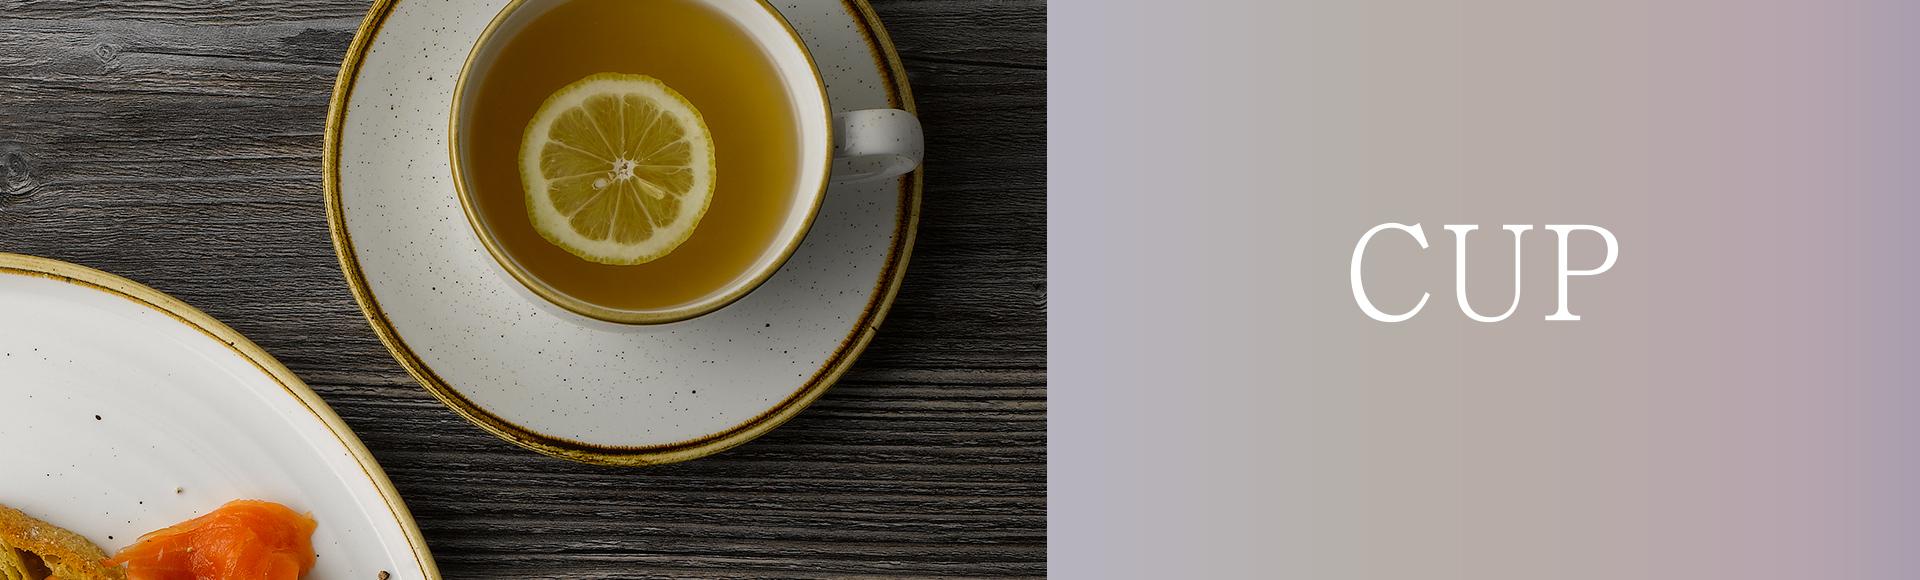 イギリスの食器ブランドStonecast。自然にインスピレーションを得たやさしい形のカップ・カップ&ソーサーをご紹介します